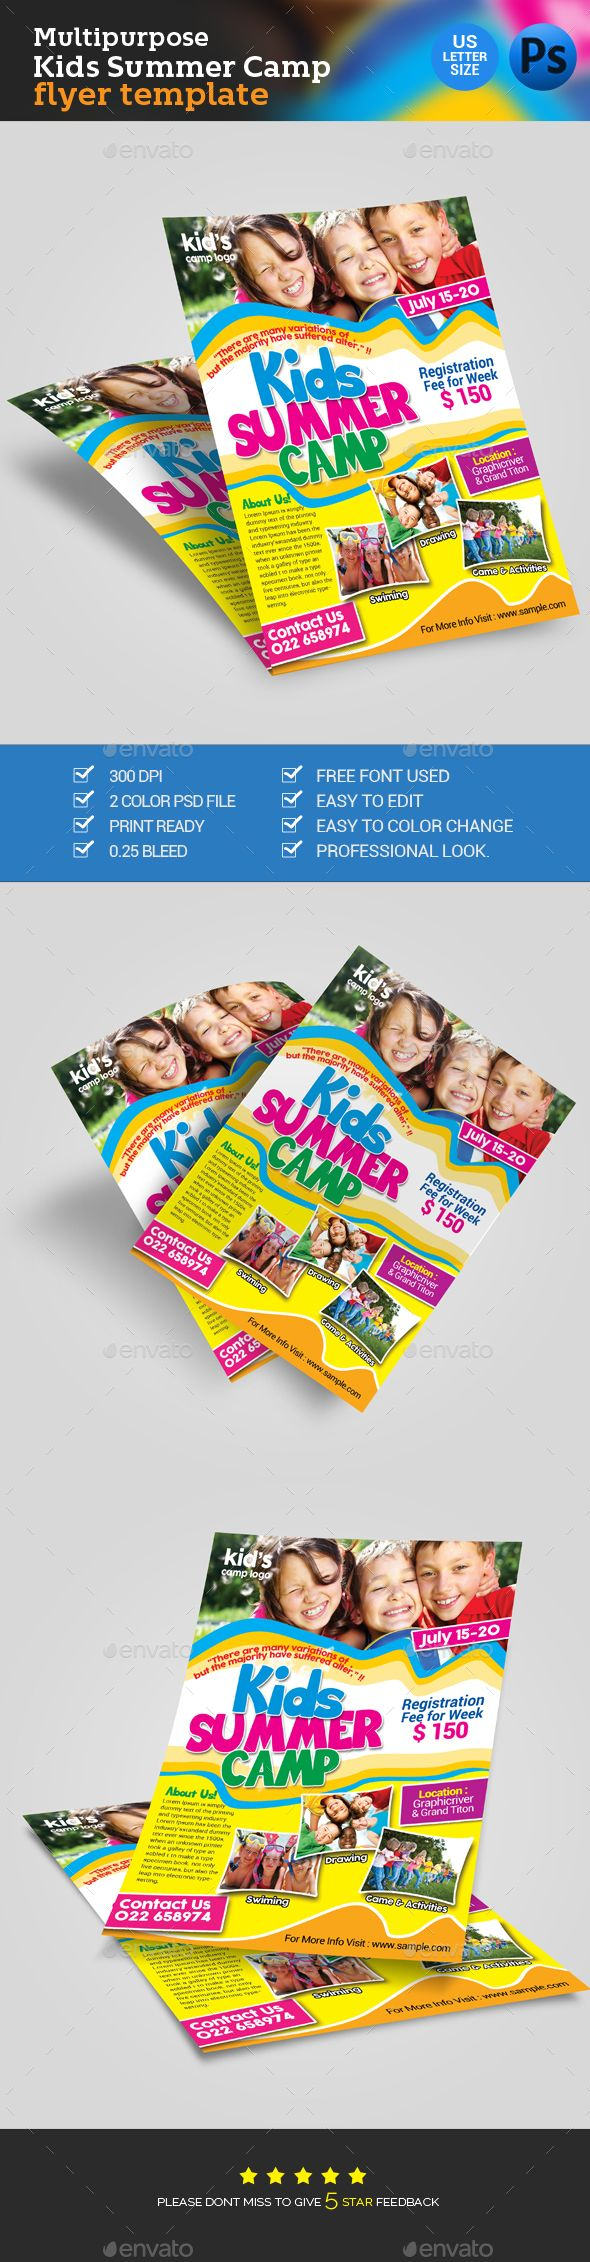 Kids Summer Camp Flyer   Campamento, Divertido y Creativo